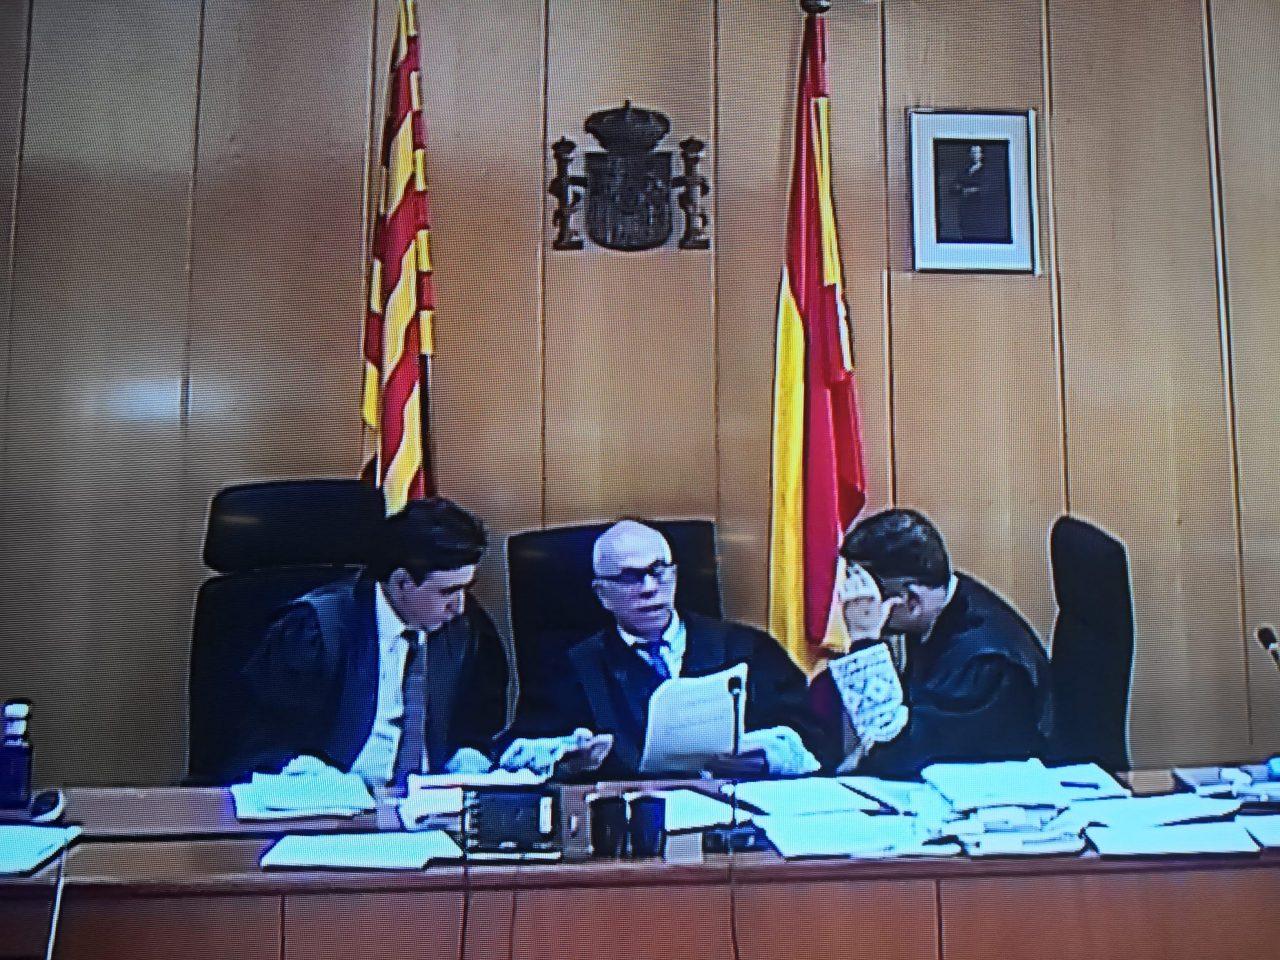 judici1-1280x960.jpg